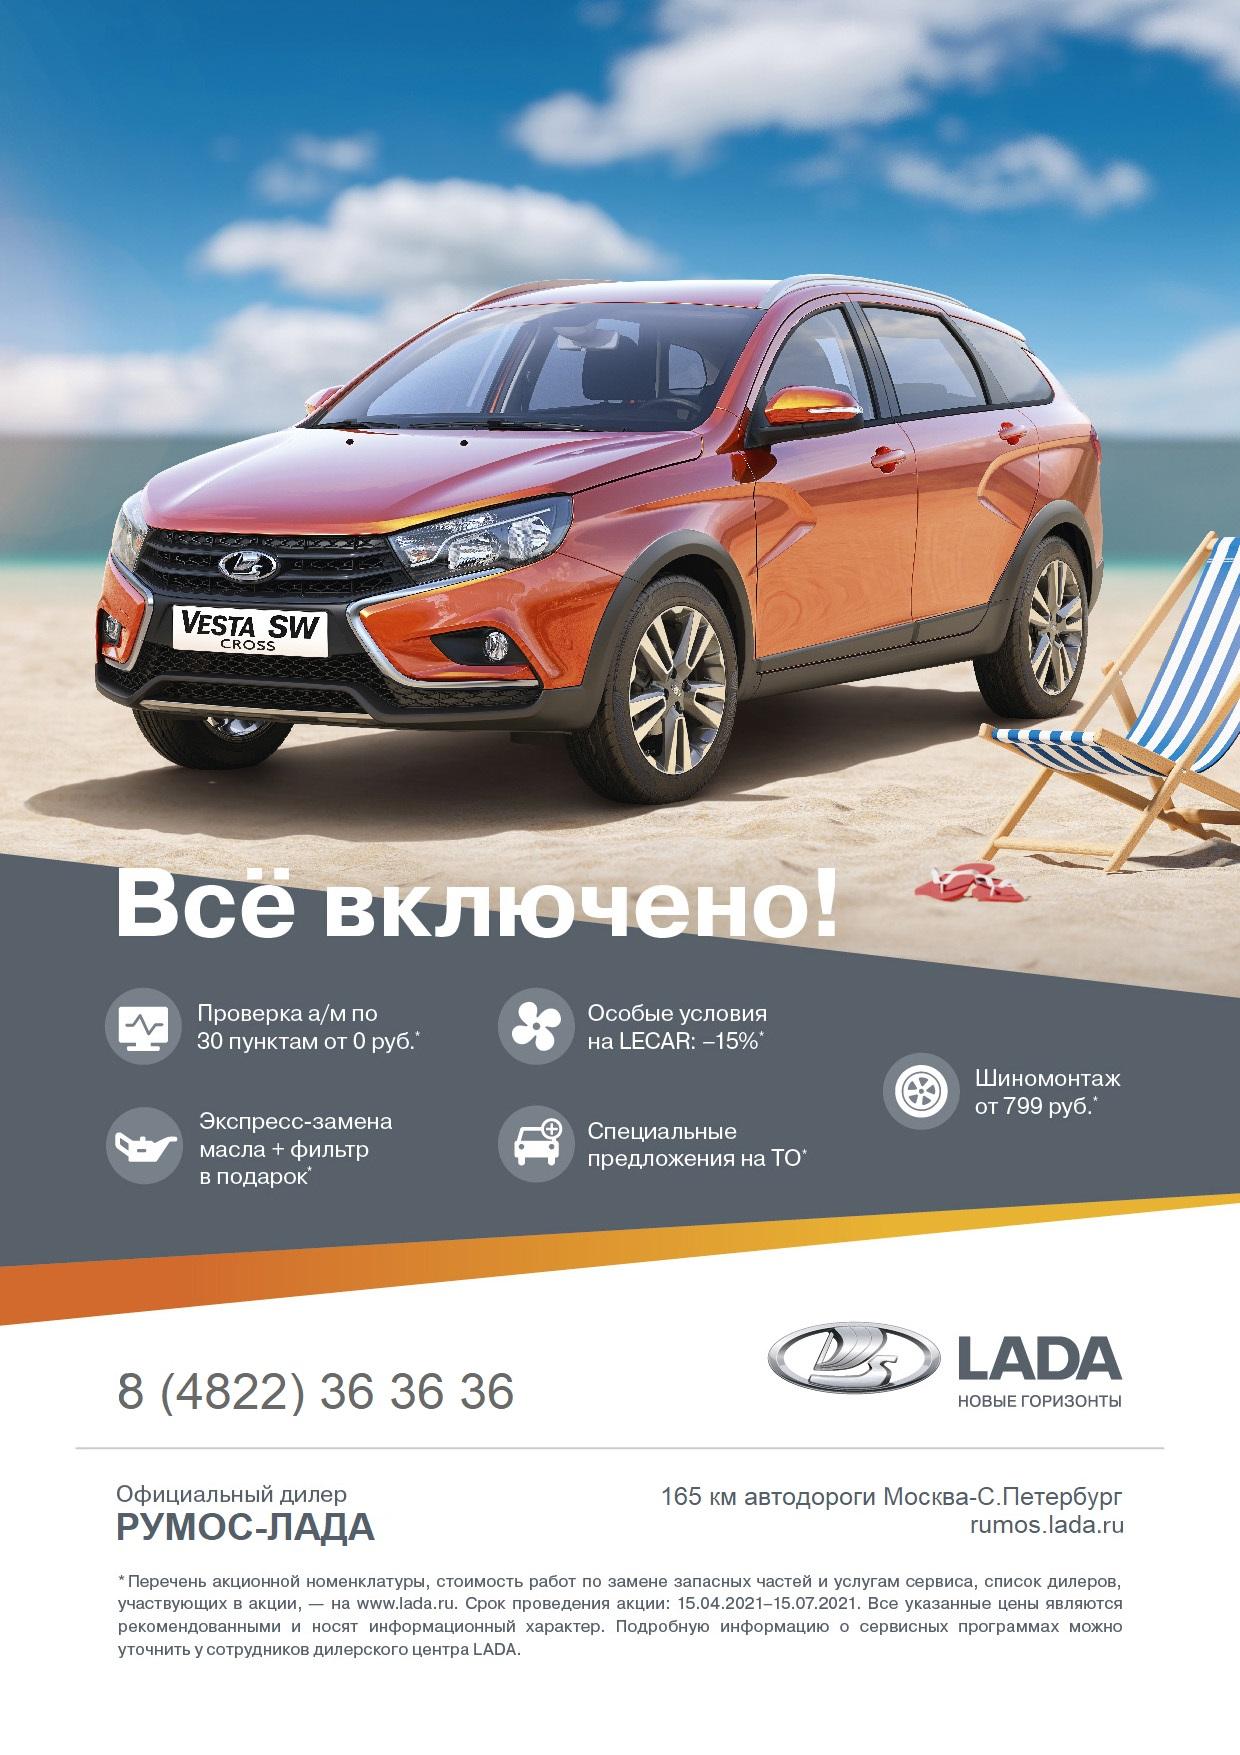 Выгодные условия подготовки автомобиля LADA к летнему сезону